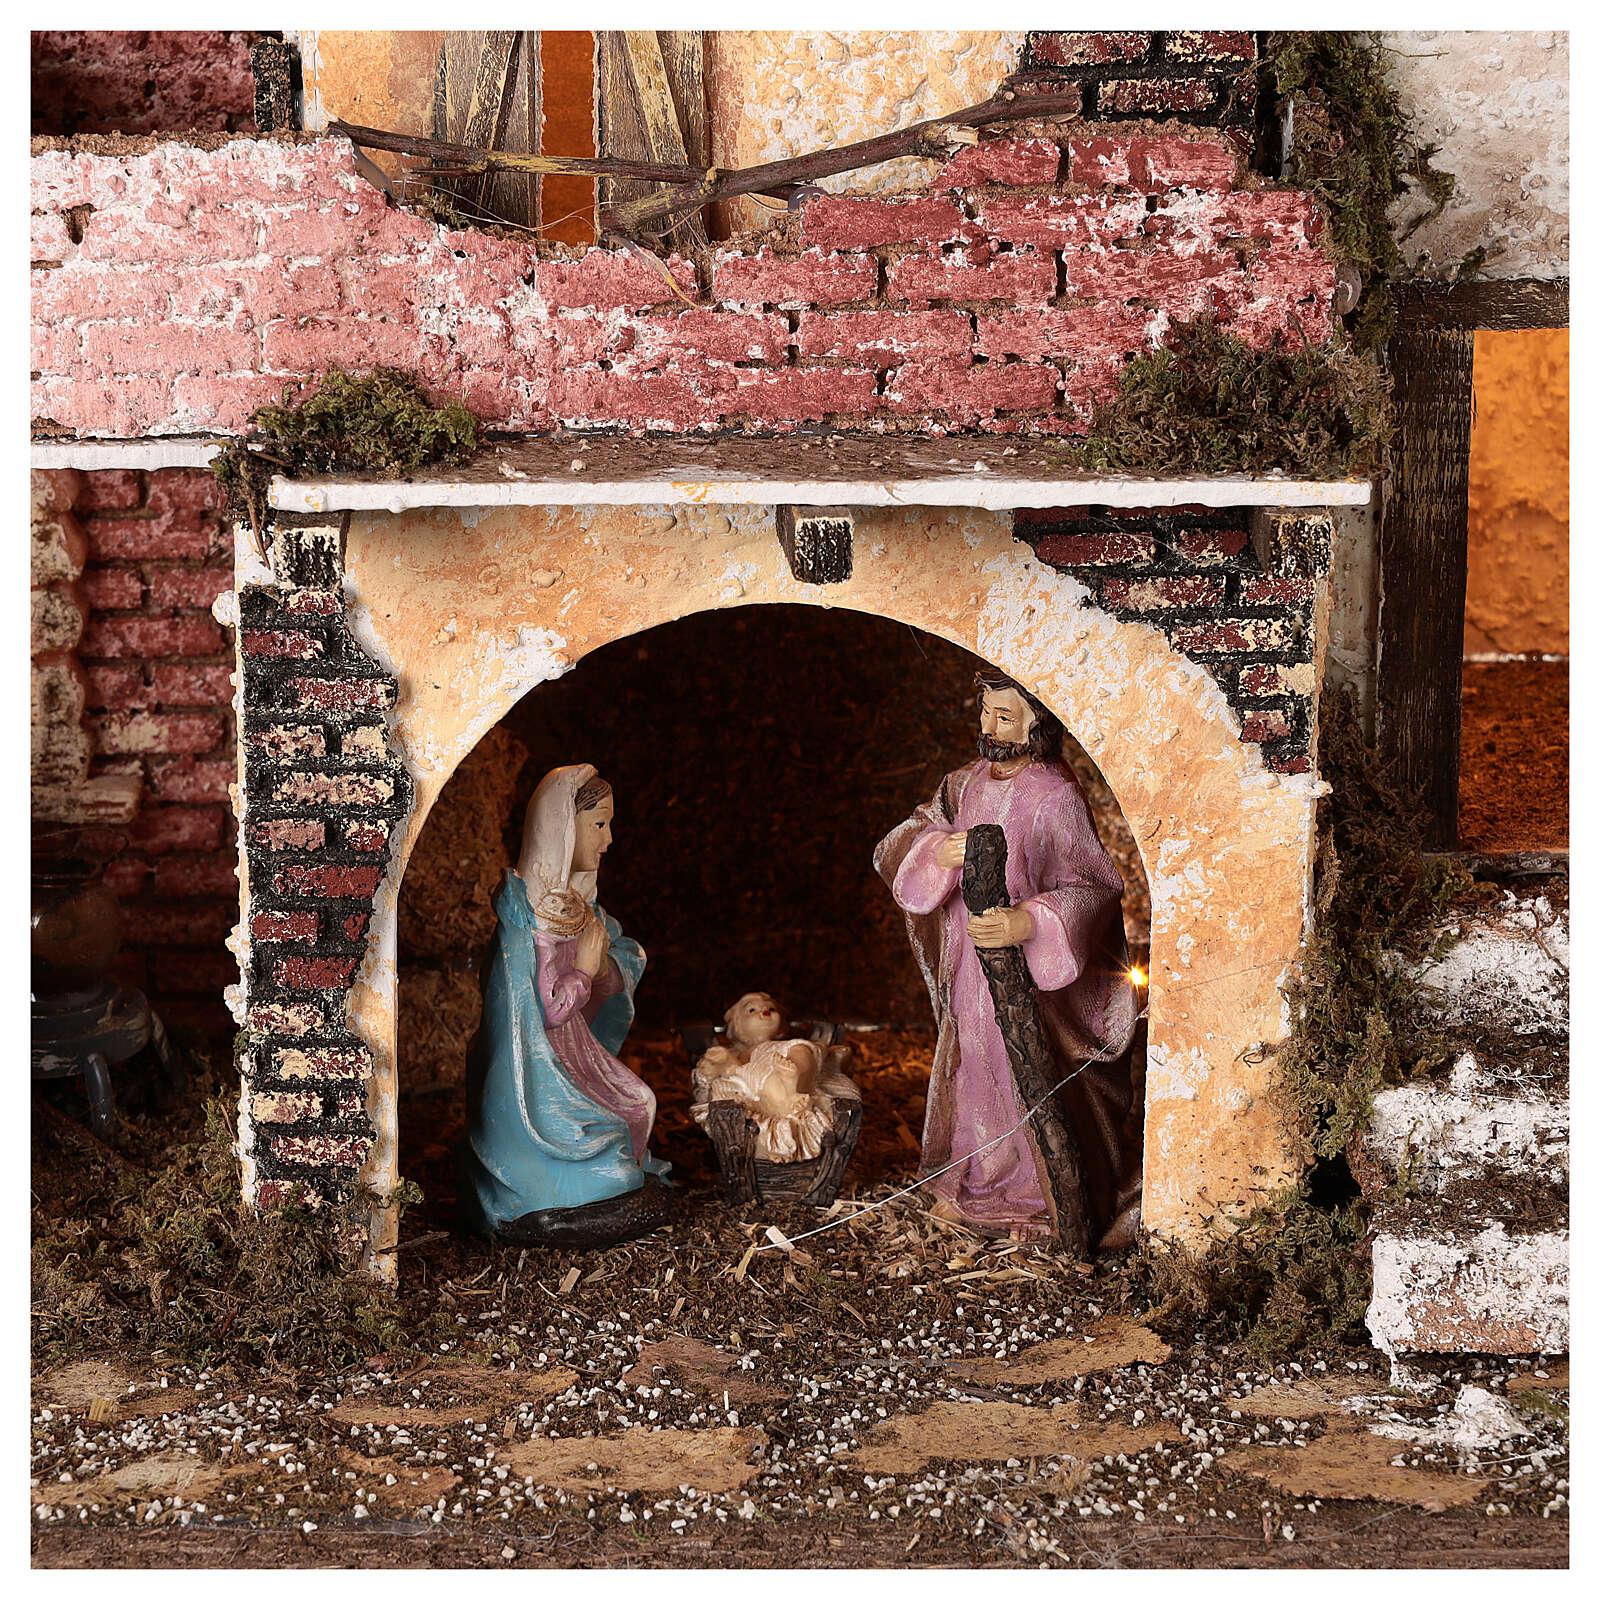 Borgo portico muratura luci e fuoco 40x45x30 cm Natività 10 cm 4